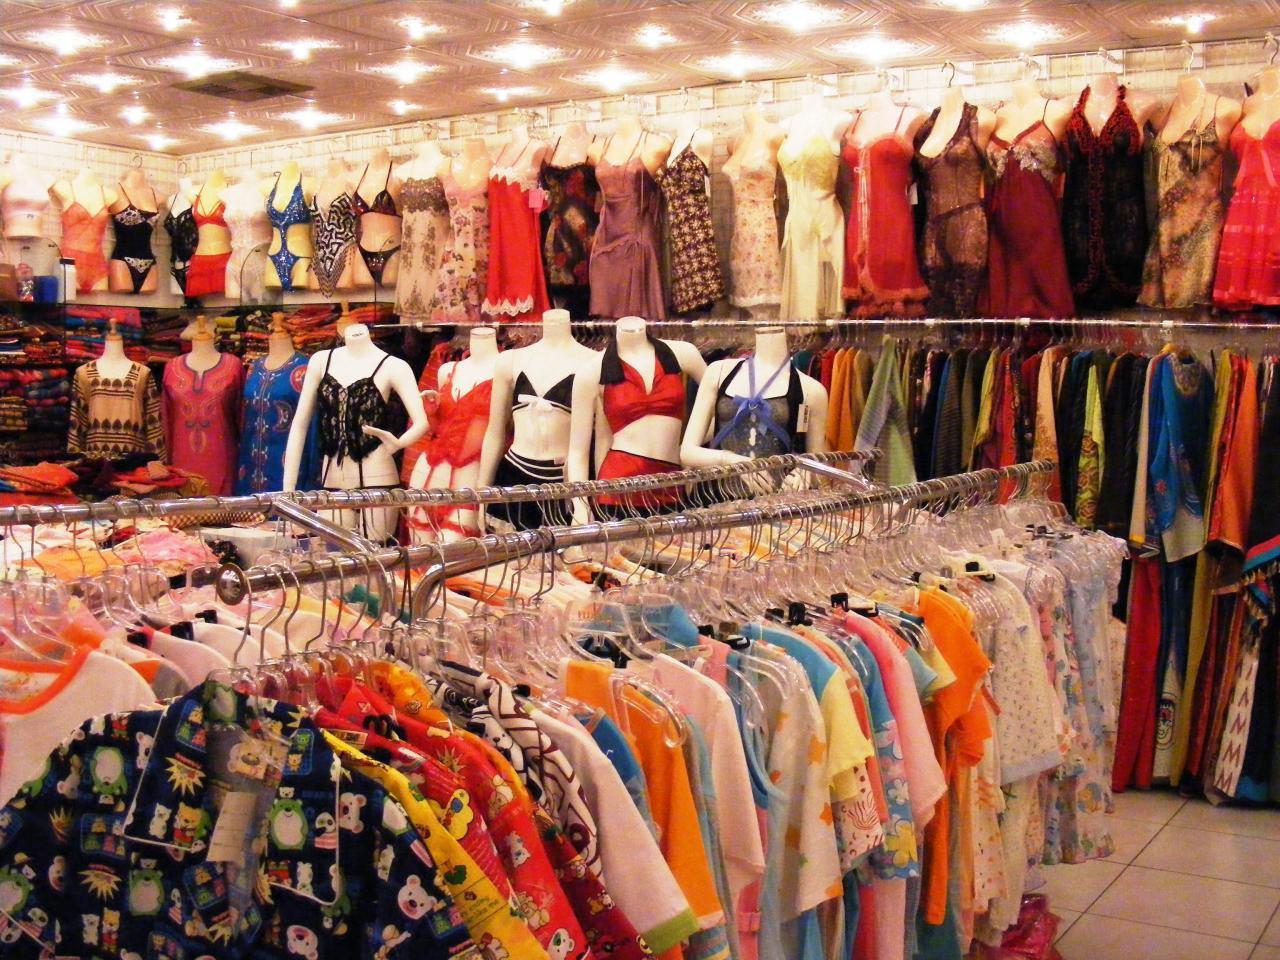 مشروع محل ملابس نسائية جدوى المشروع للنساء بعد تأنيث